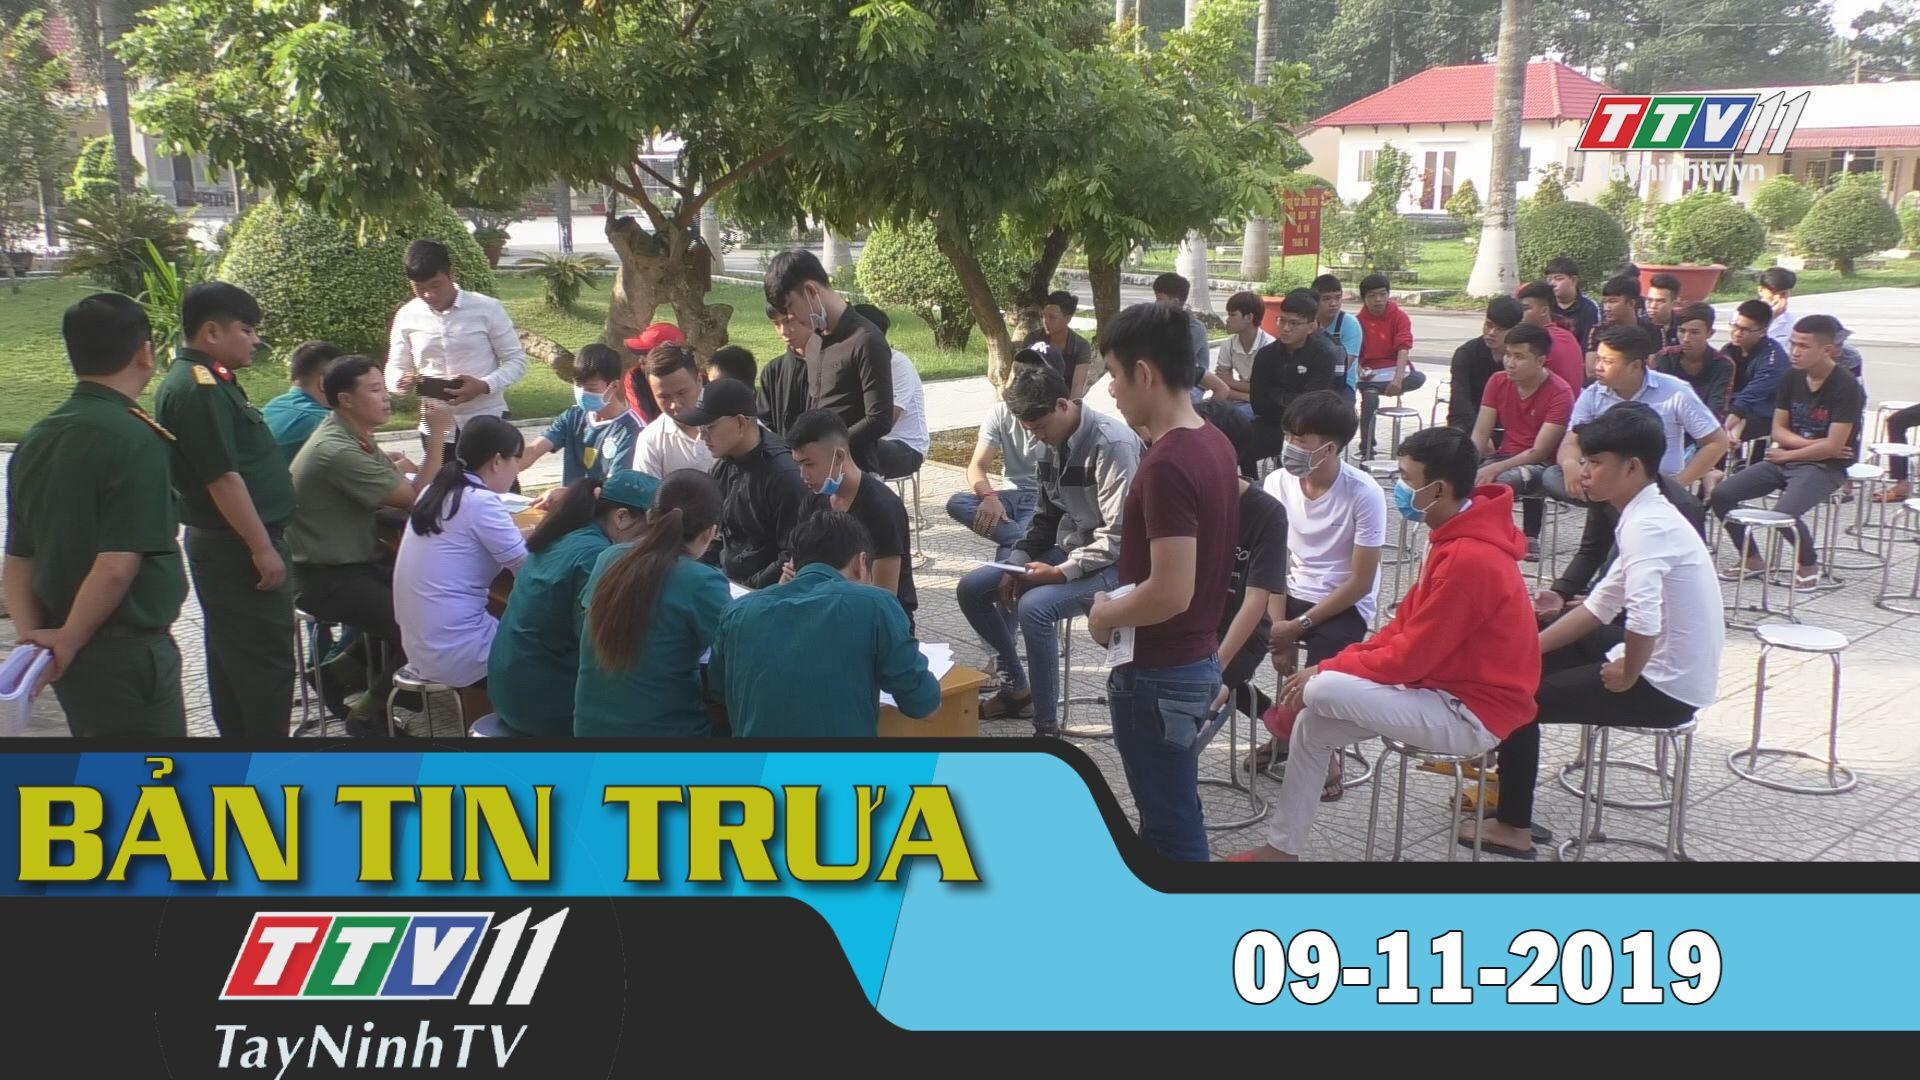 Bản tin trưa 09-11-2019 | BẢN TIN TRƯA | Tây Ninh TV